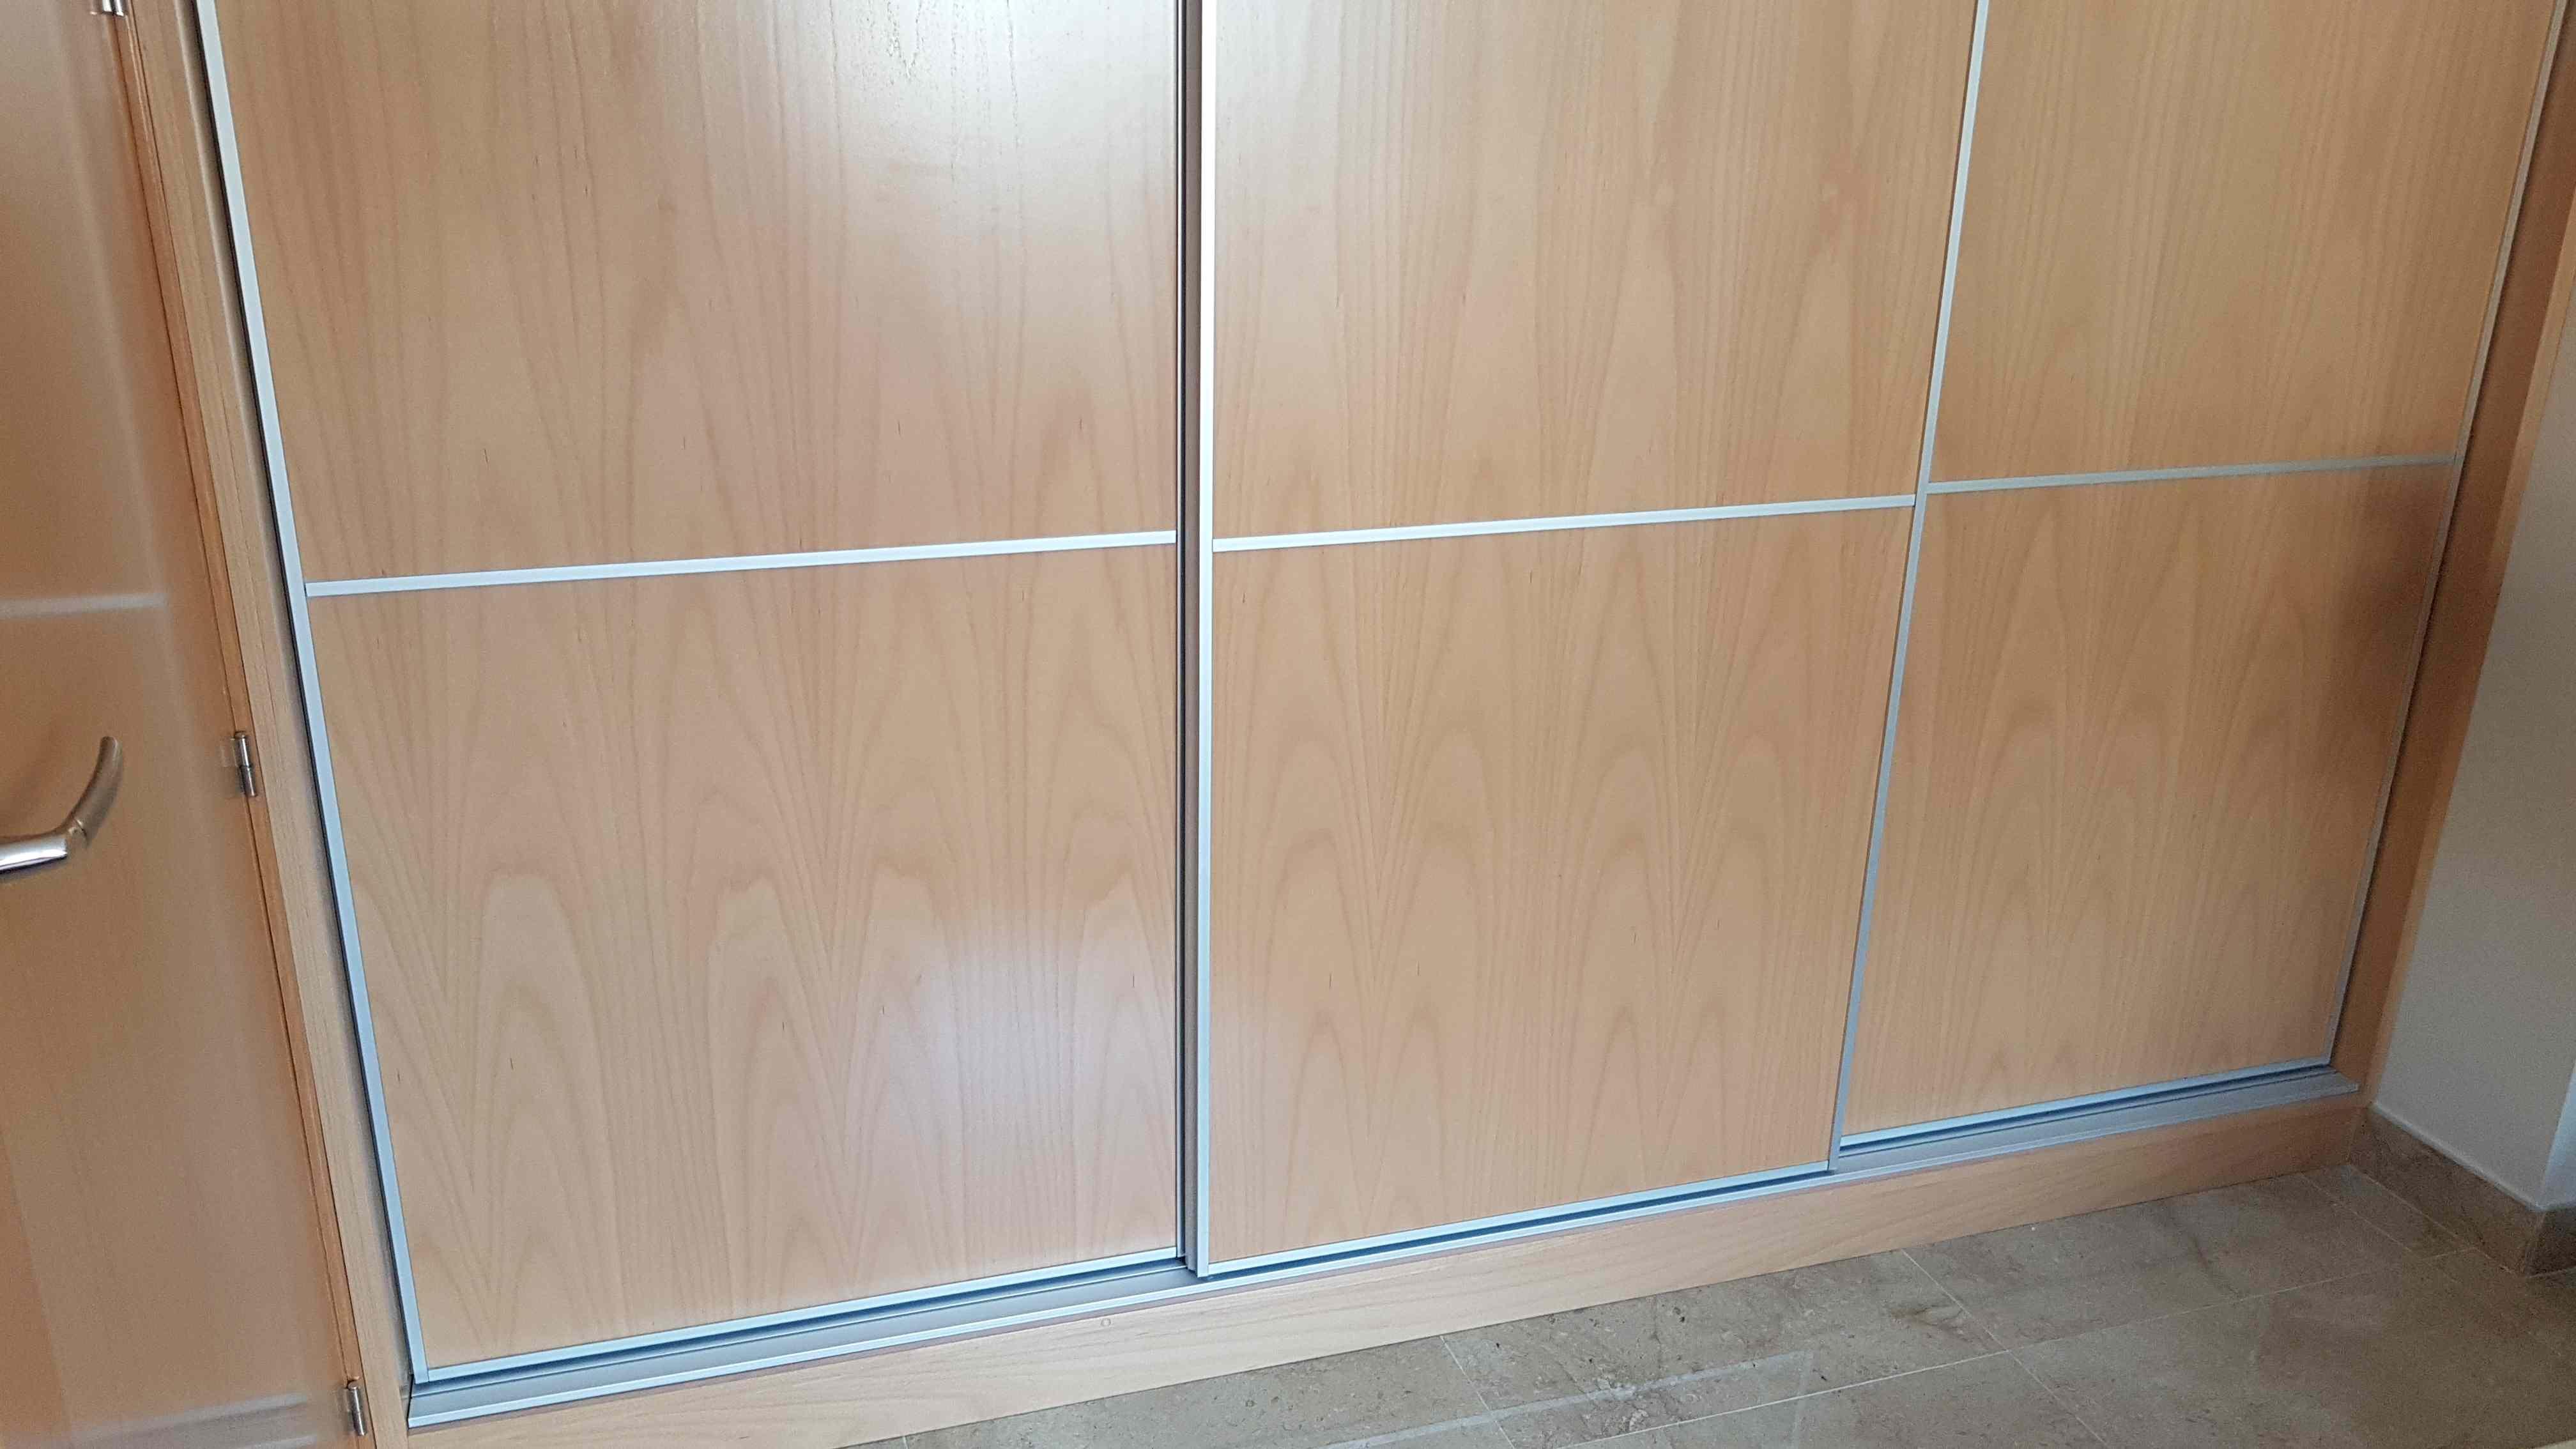 Carpinteria Familia Murcia Armarios En Haya Barnizada Con Puertas - Puertas-japonesas-deslizantes